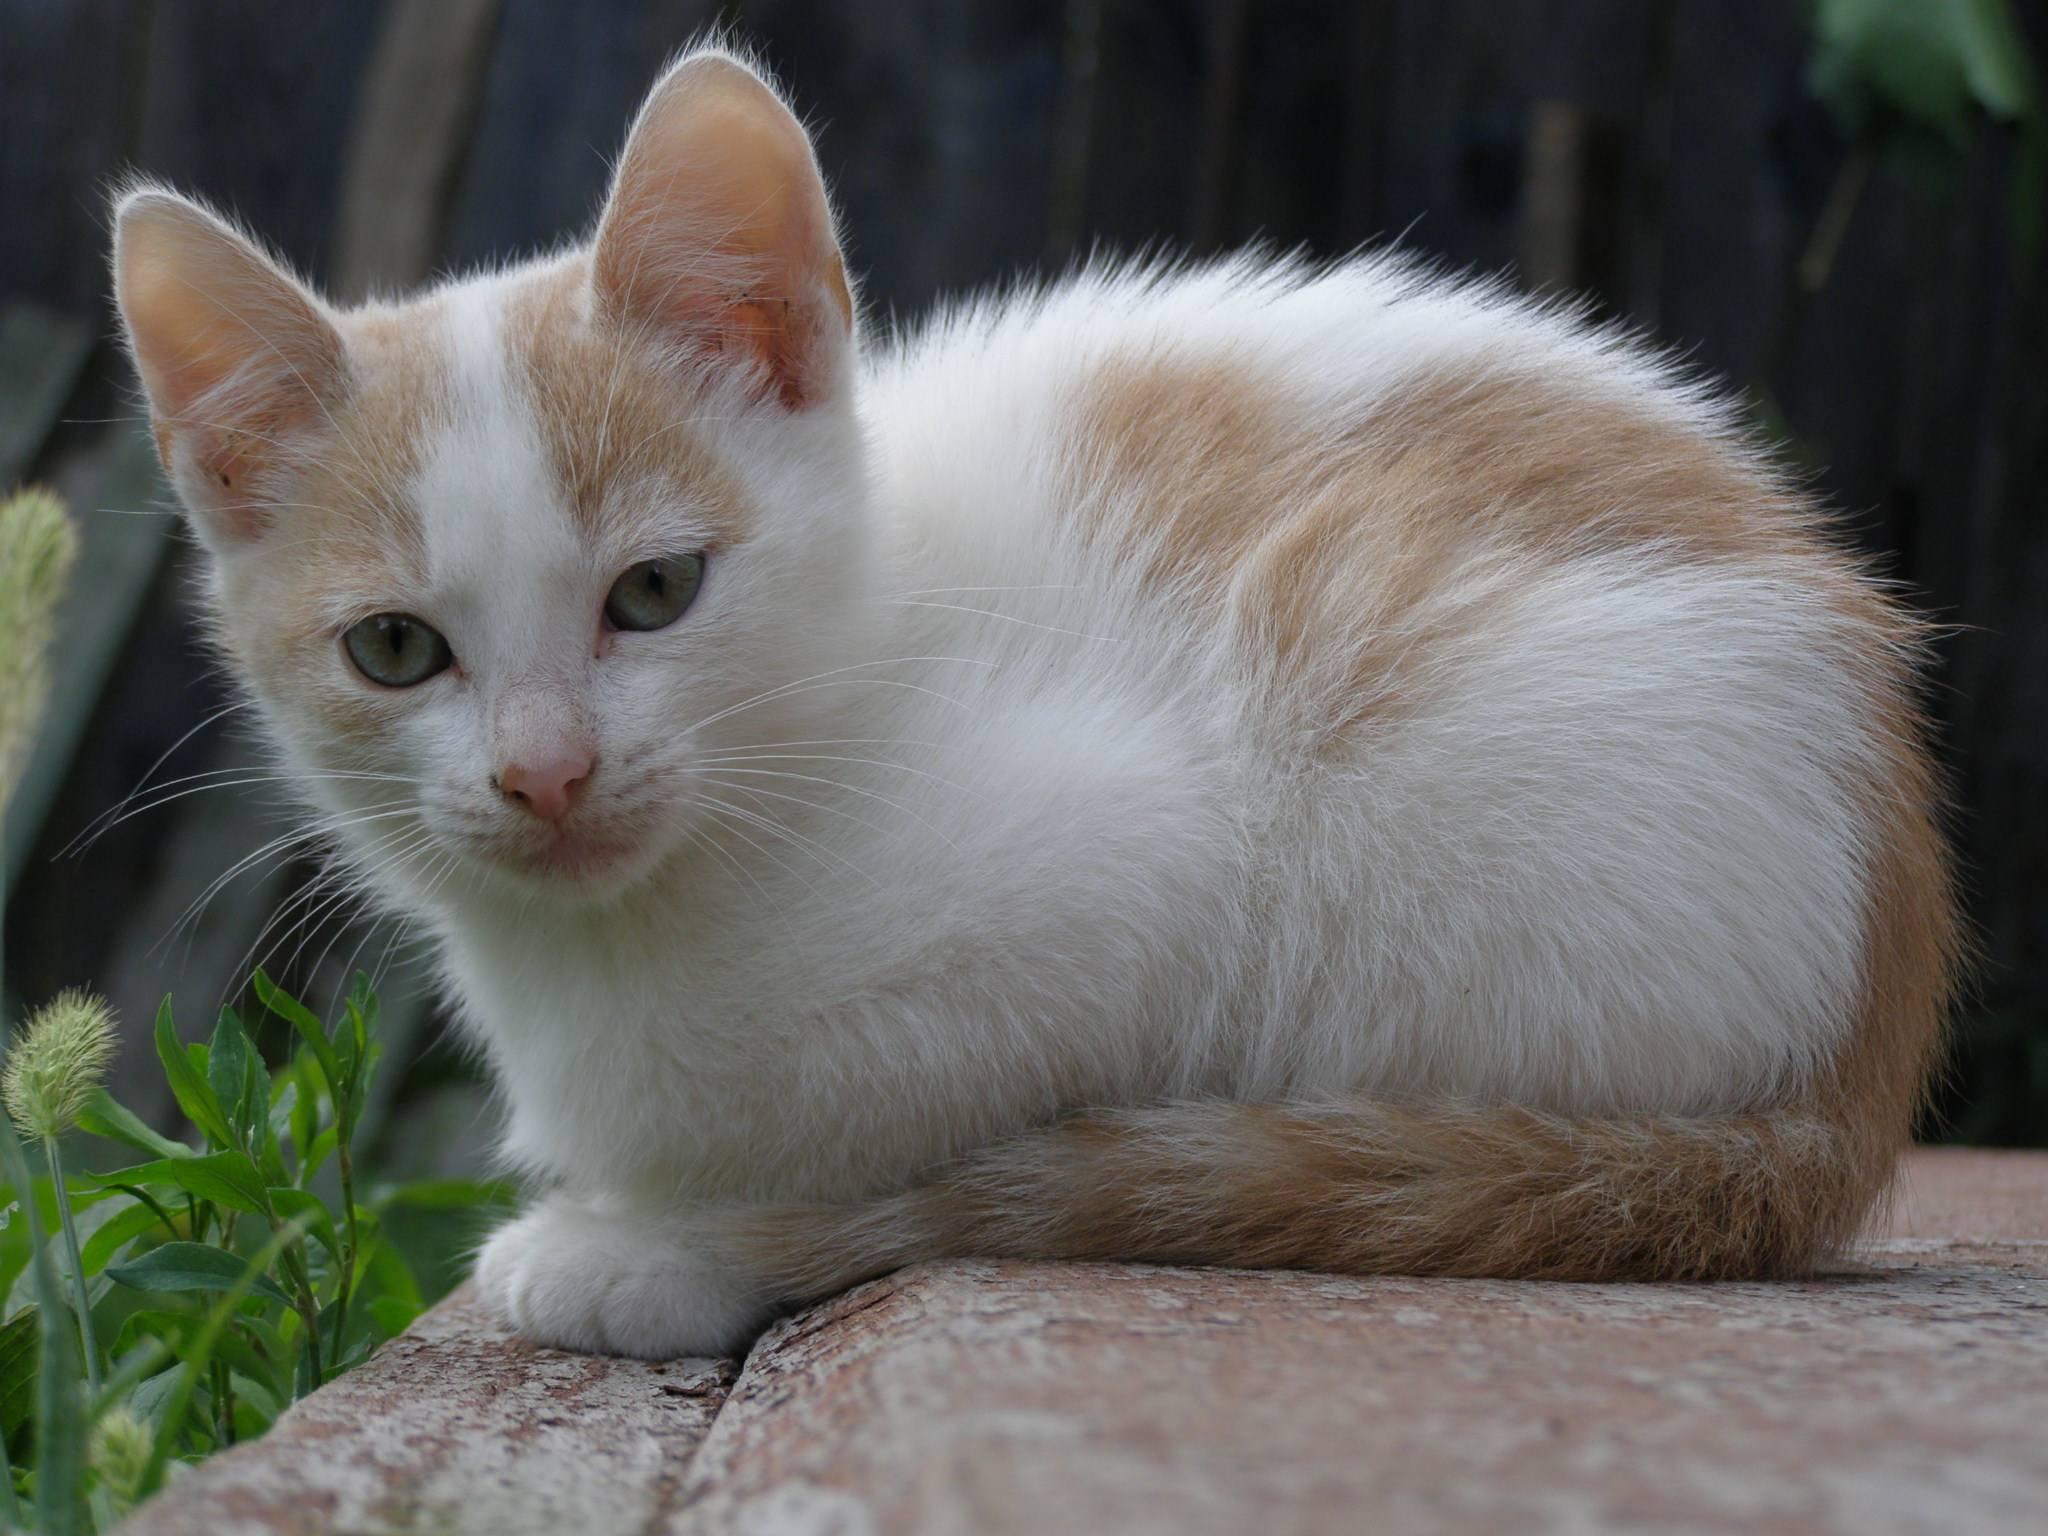 Список лучших имен для кошек и котов : самые популярные, красивые, оригинальные и смешные клички подходящие для черных, рыжих, белых, трехцветных и полосатых котов и кошек | qulady